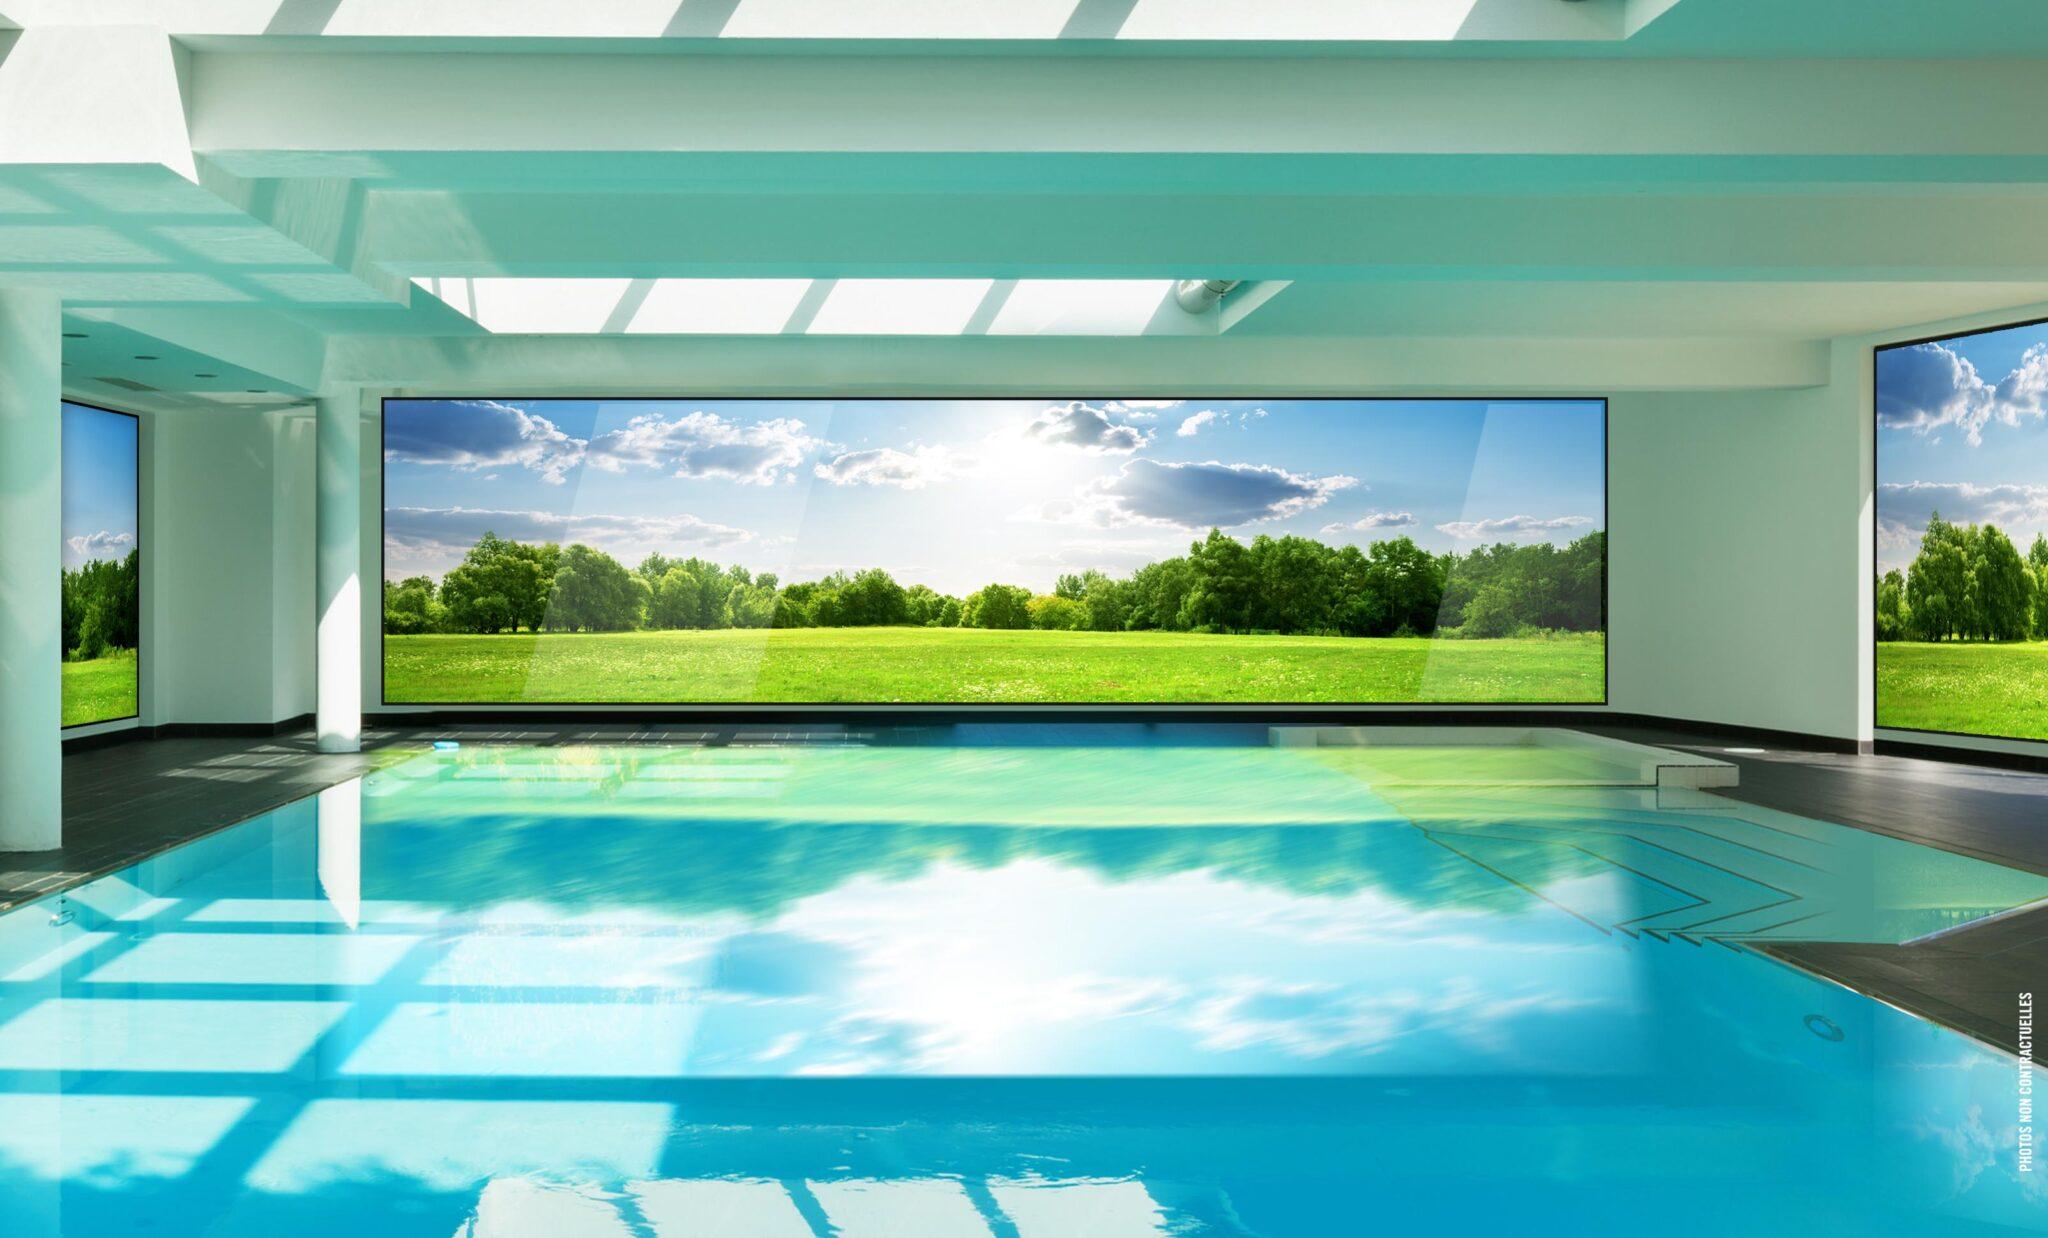 Les dalles d' affichage LED SHENZHEN Multimédia servent à la conception de mur d'images intérieur.